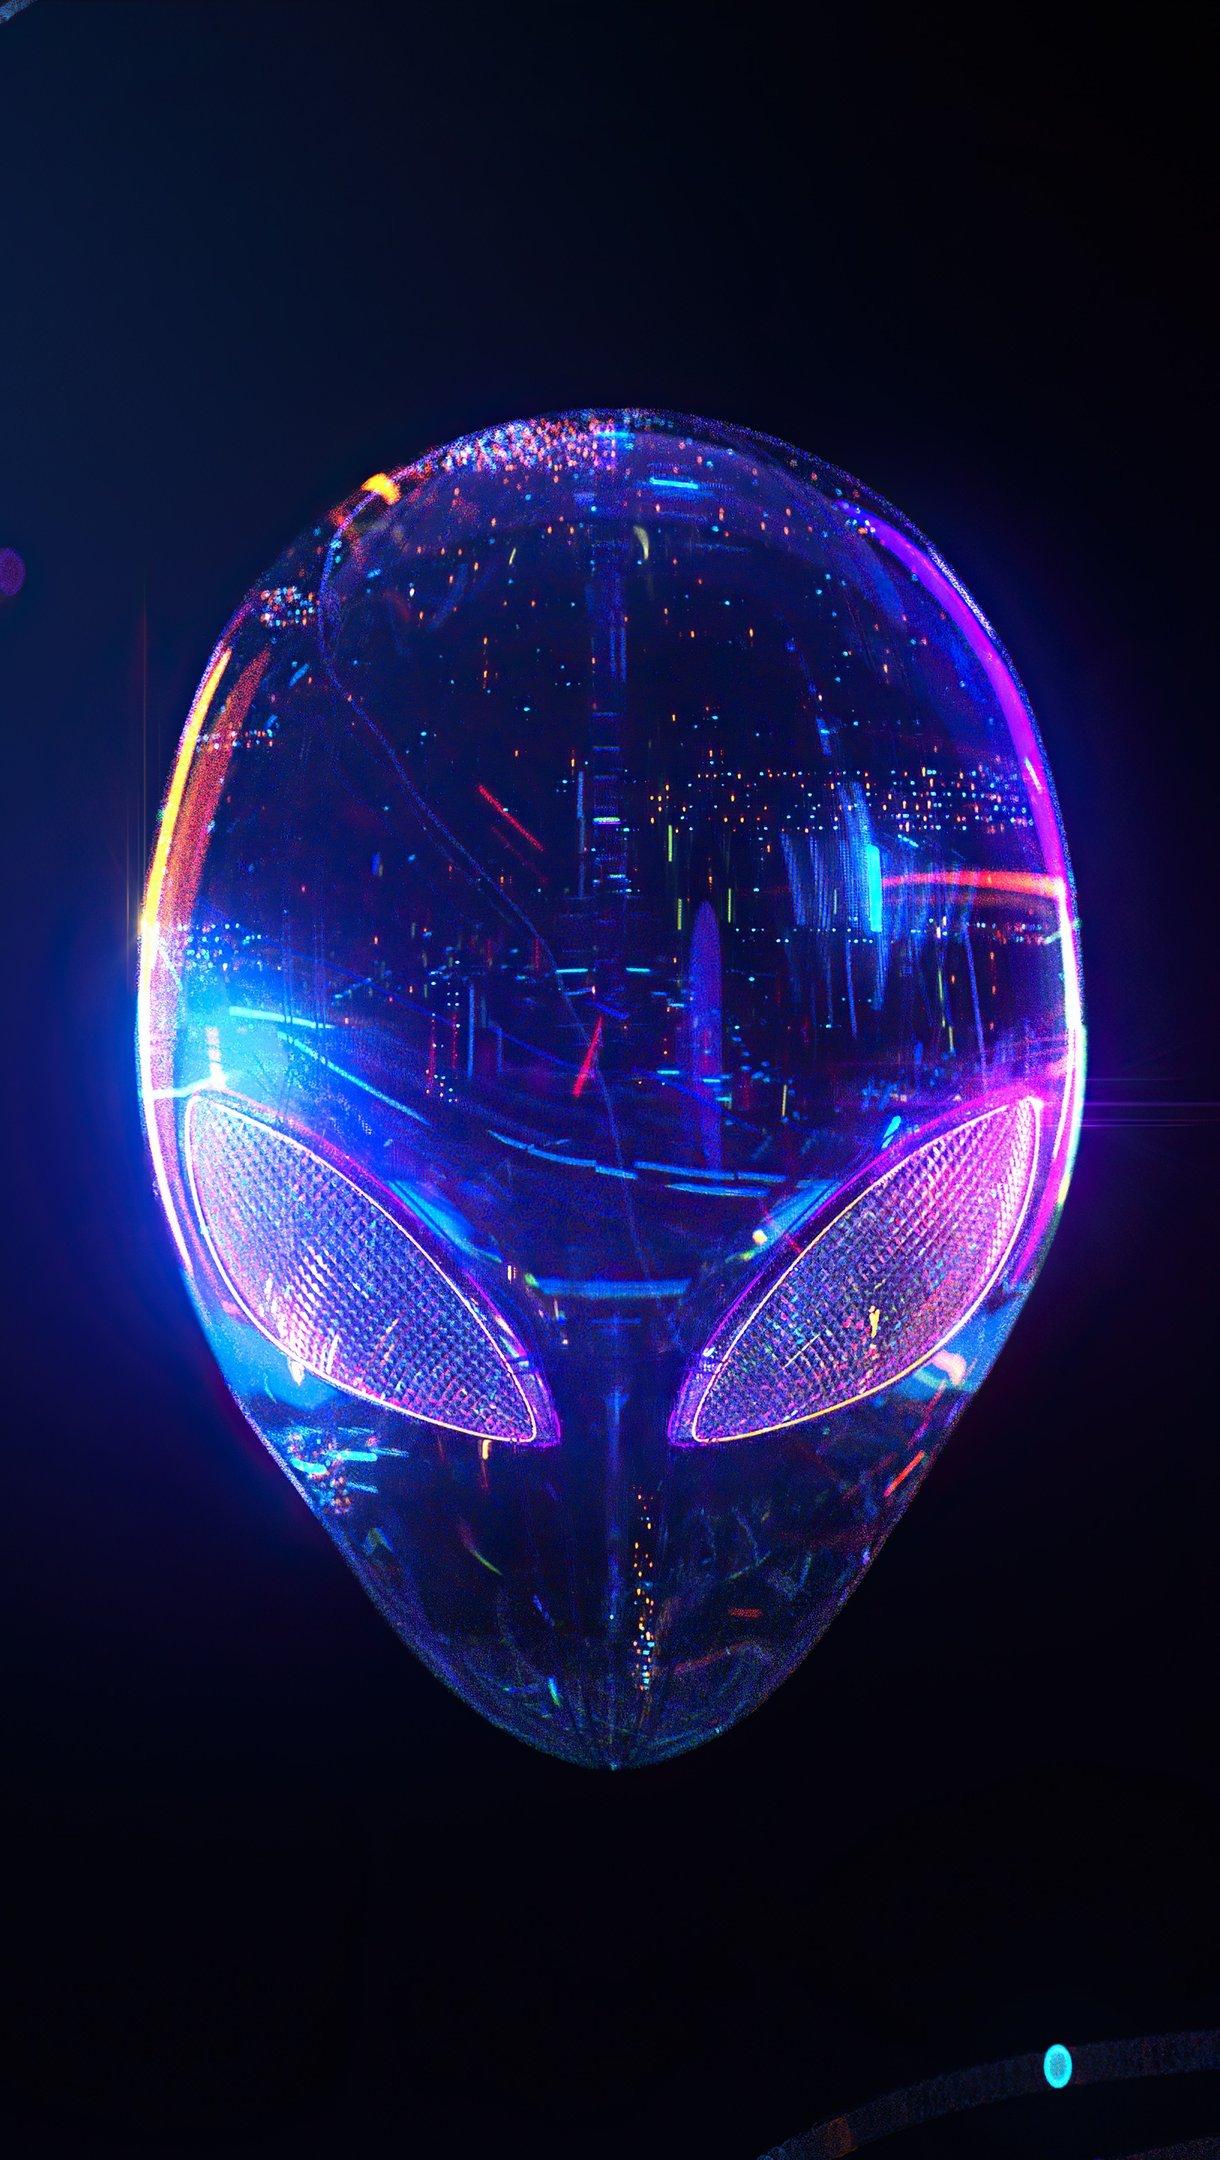 Wallpaper Alien head in neon colors Vertical